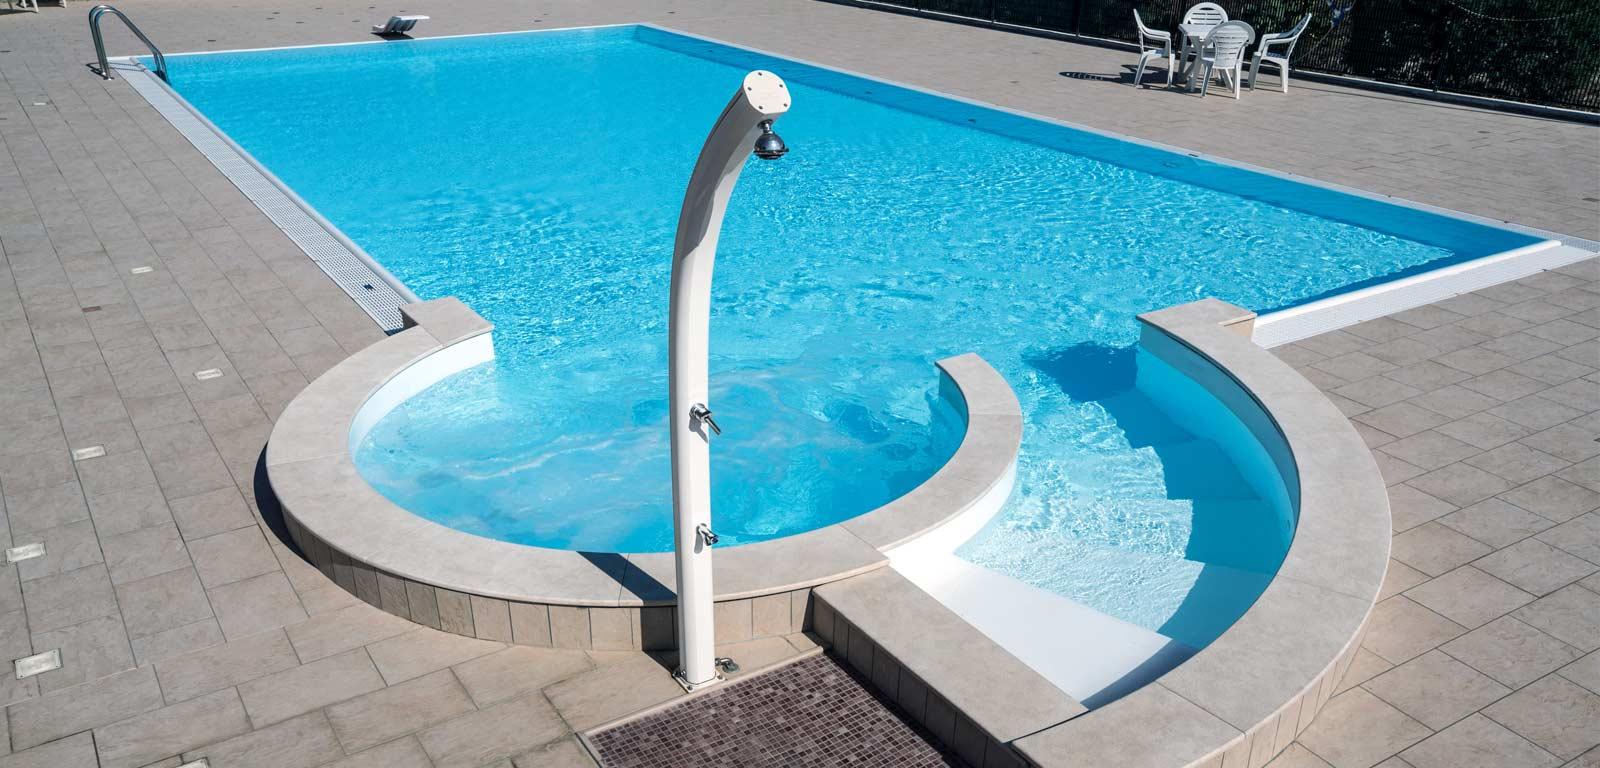 Docce solari ecologiche per giardino piscine castiglione - Ipoclorito di calcio per piscine ...